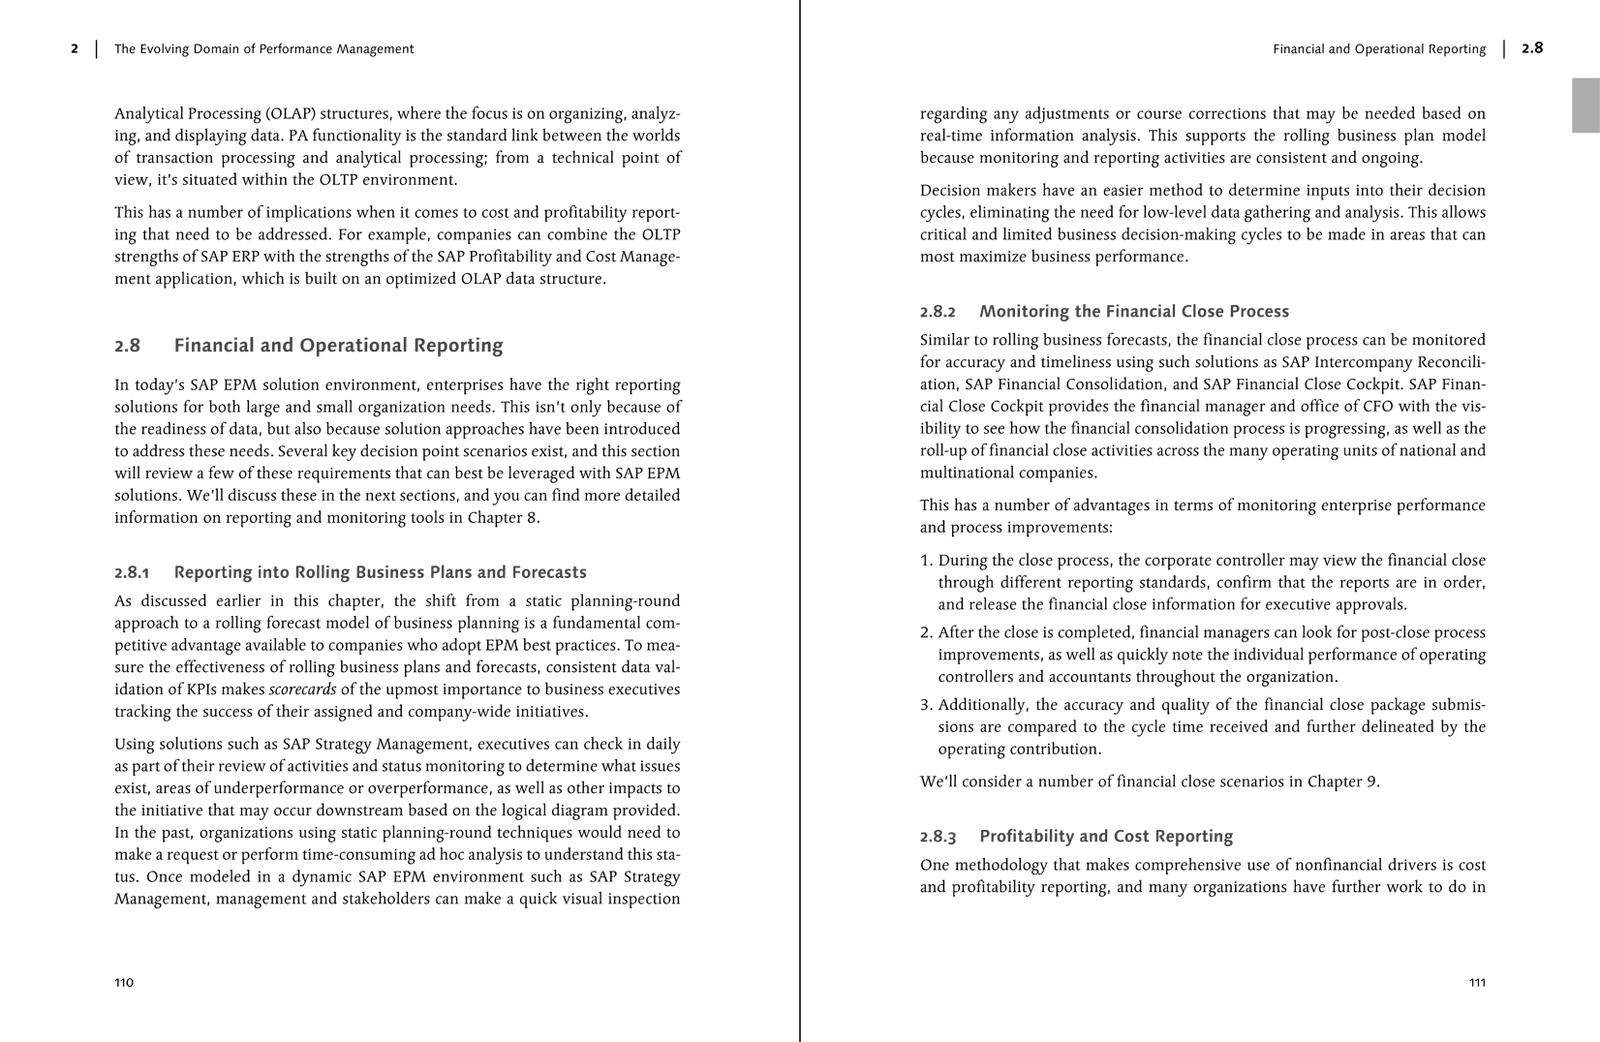 Sap fico black book pdf free download